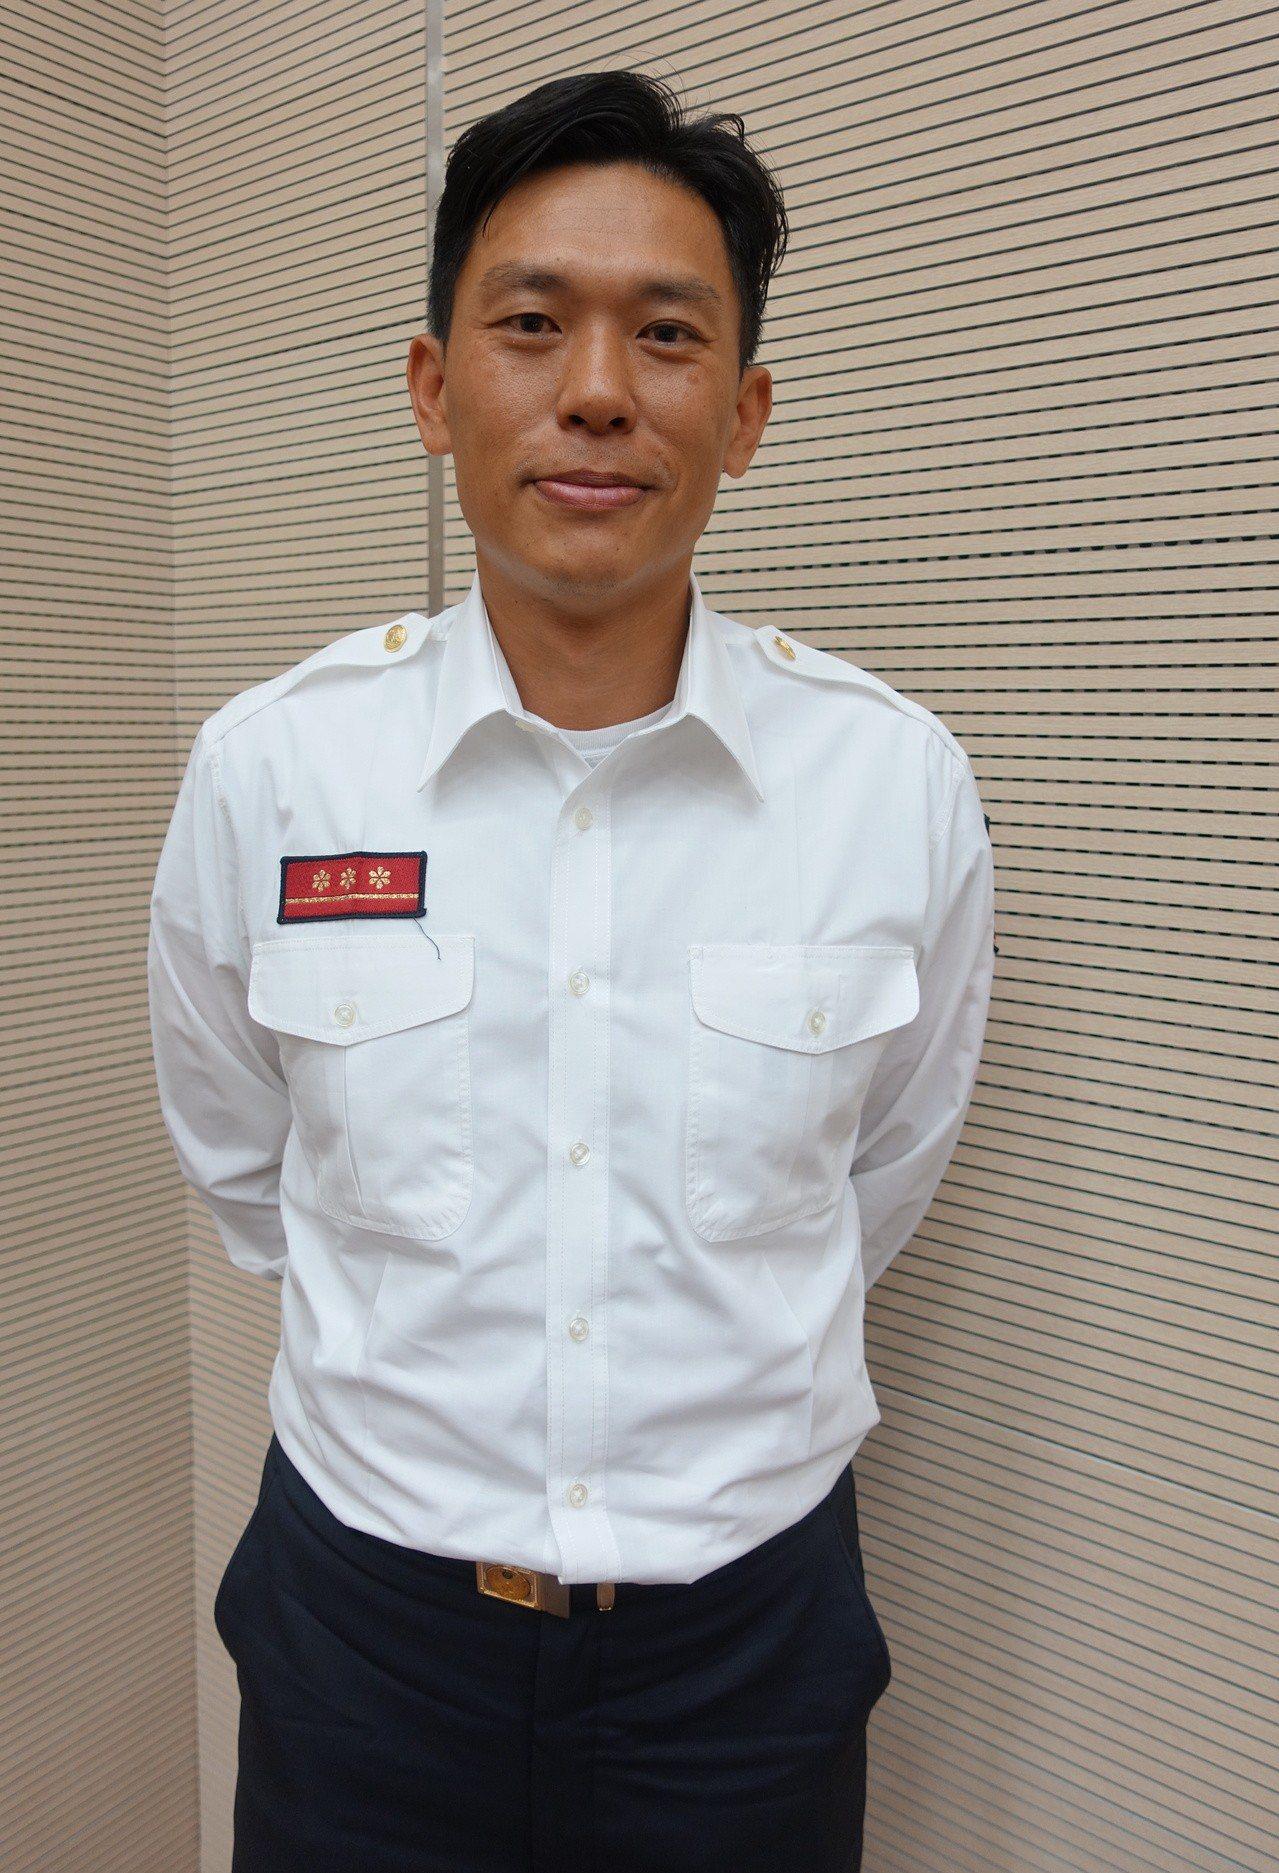 高市消防局特搜中隊隊員陳孟弘獲得108年度績優消防人員。記者劉星君/攝影